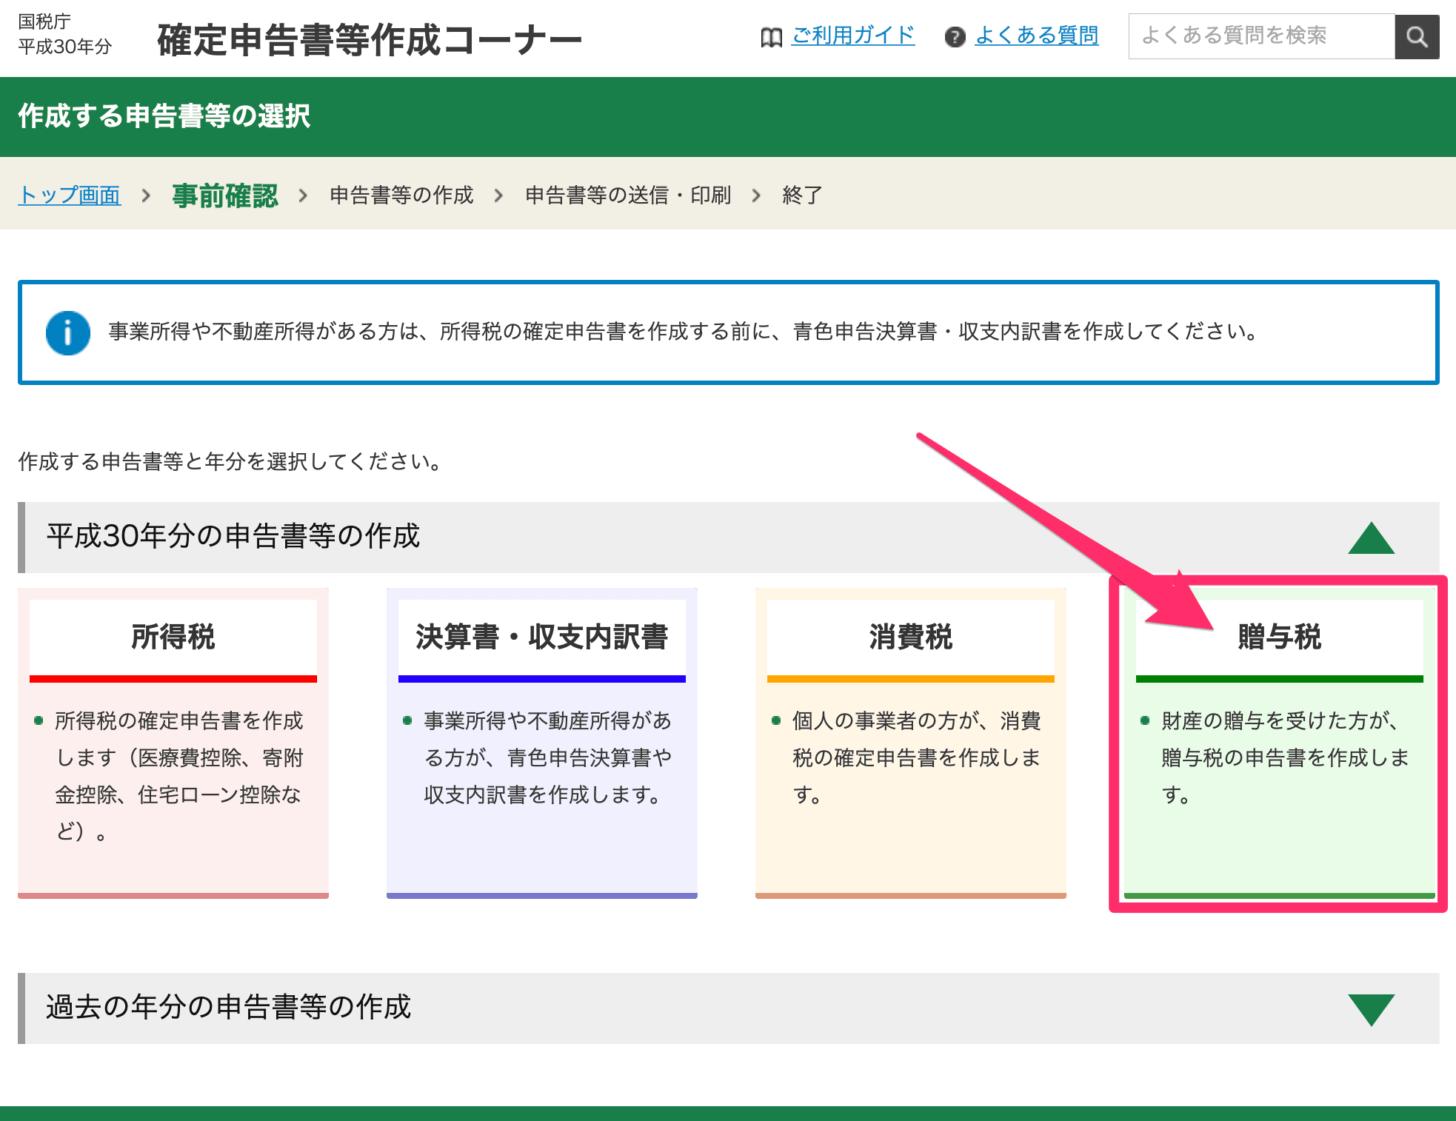 一番右の緑の「贈与税」をクリック